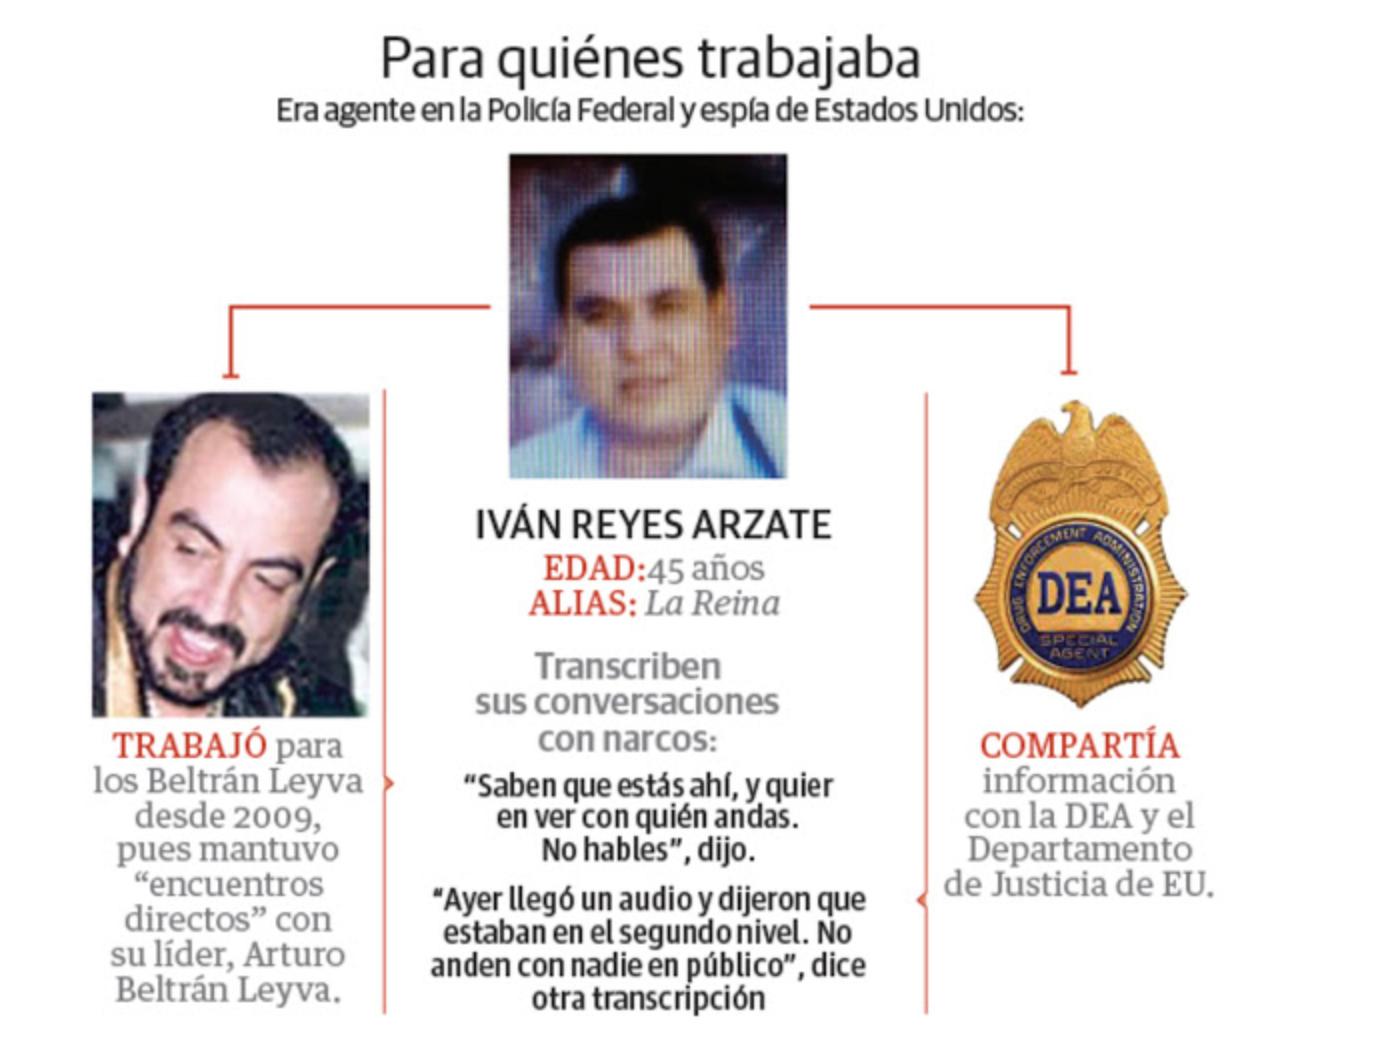 Iván Reyes Arzate